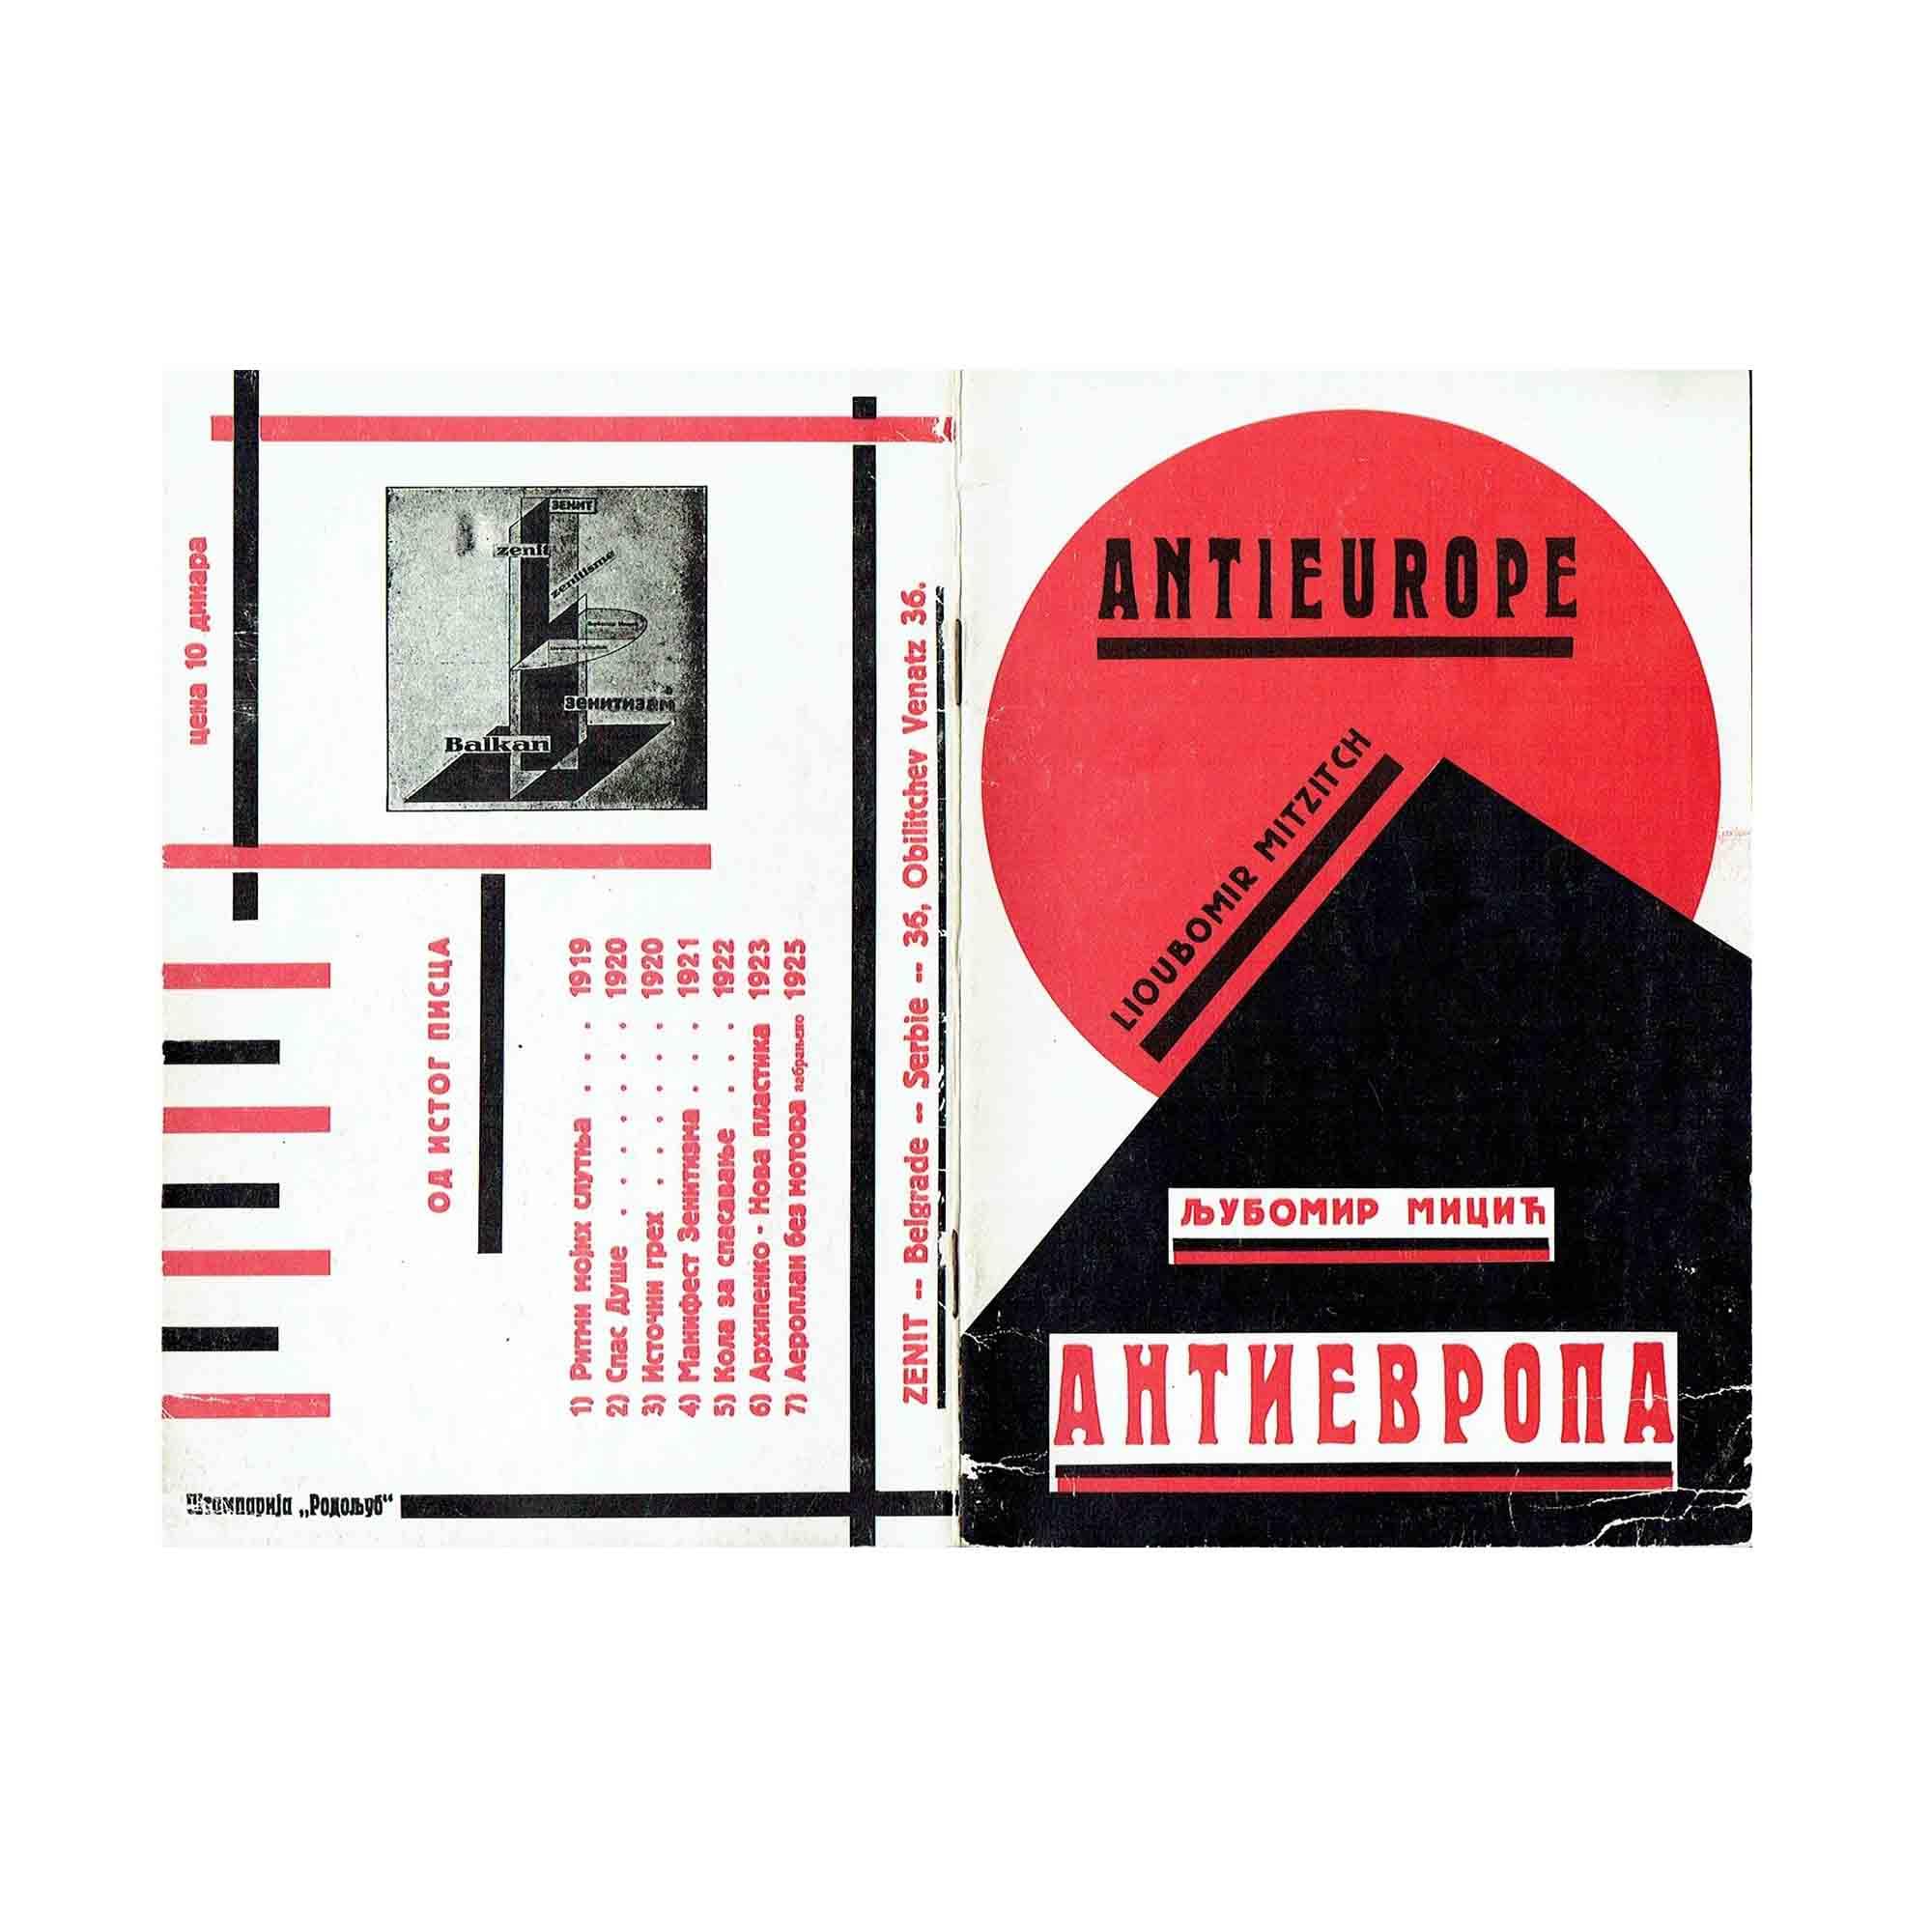 5320-Micic-Antievropa-Nachdruck-1992-Umschlag-N.jpg